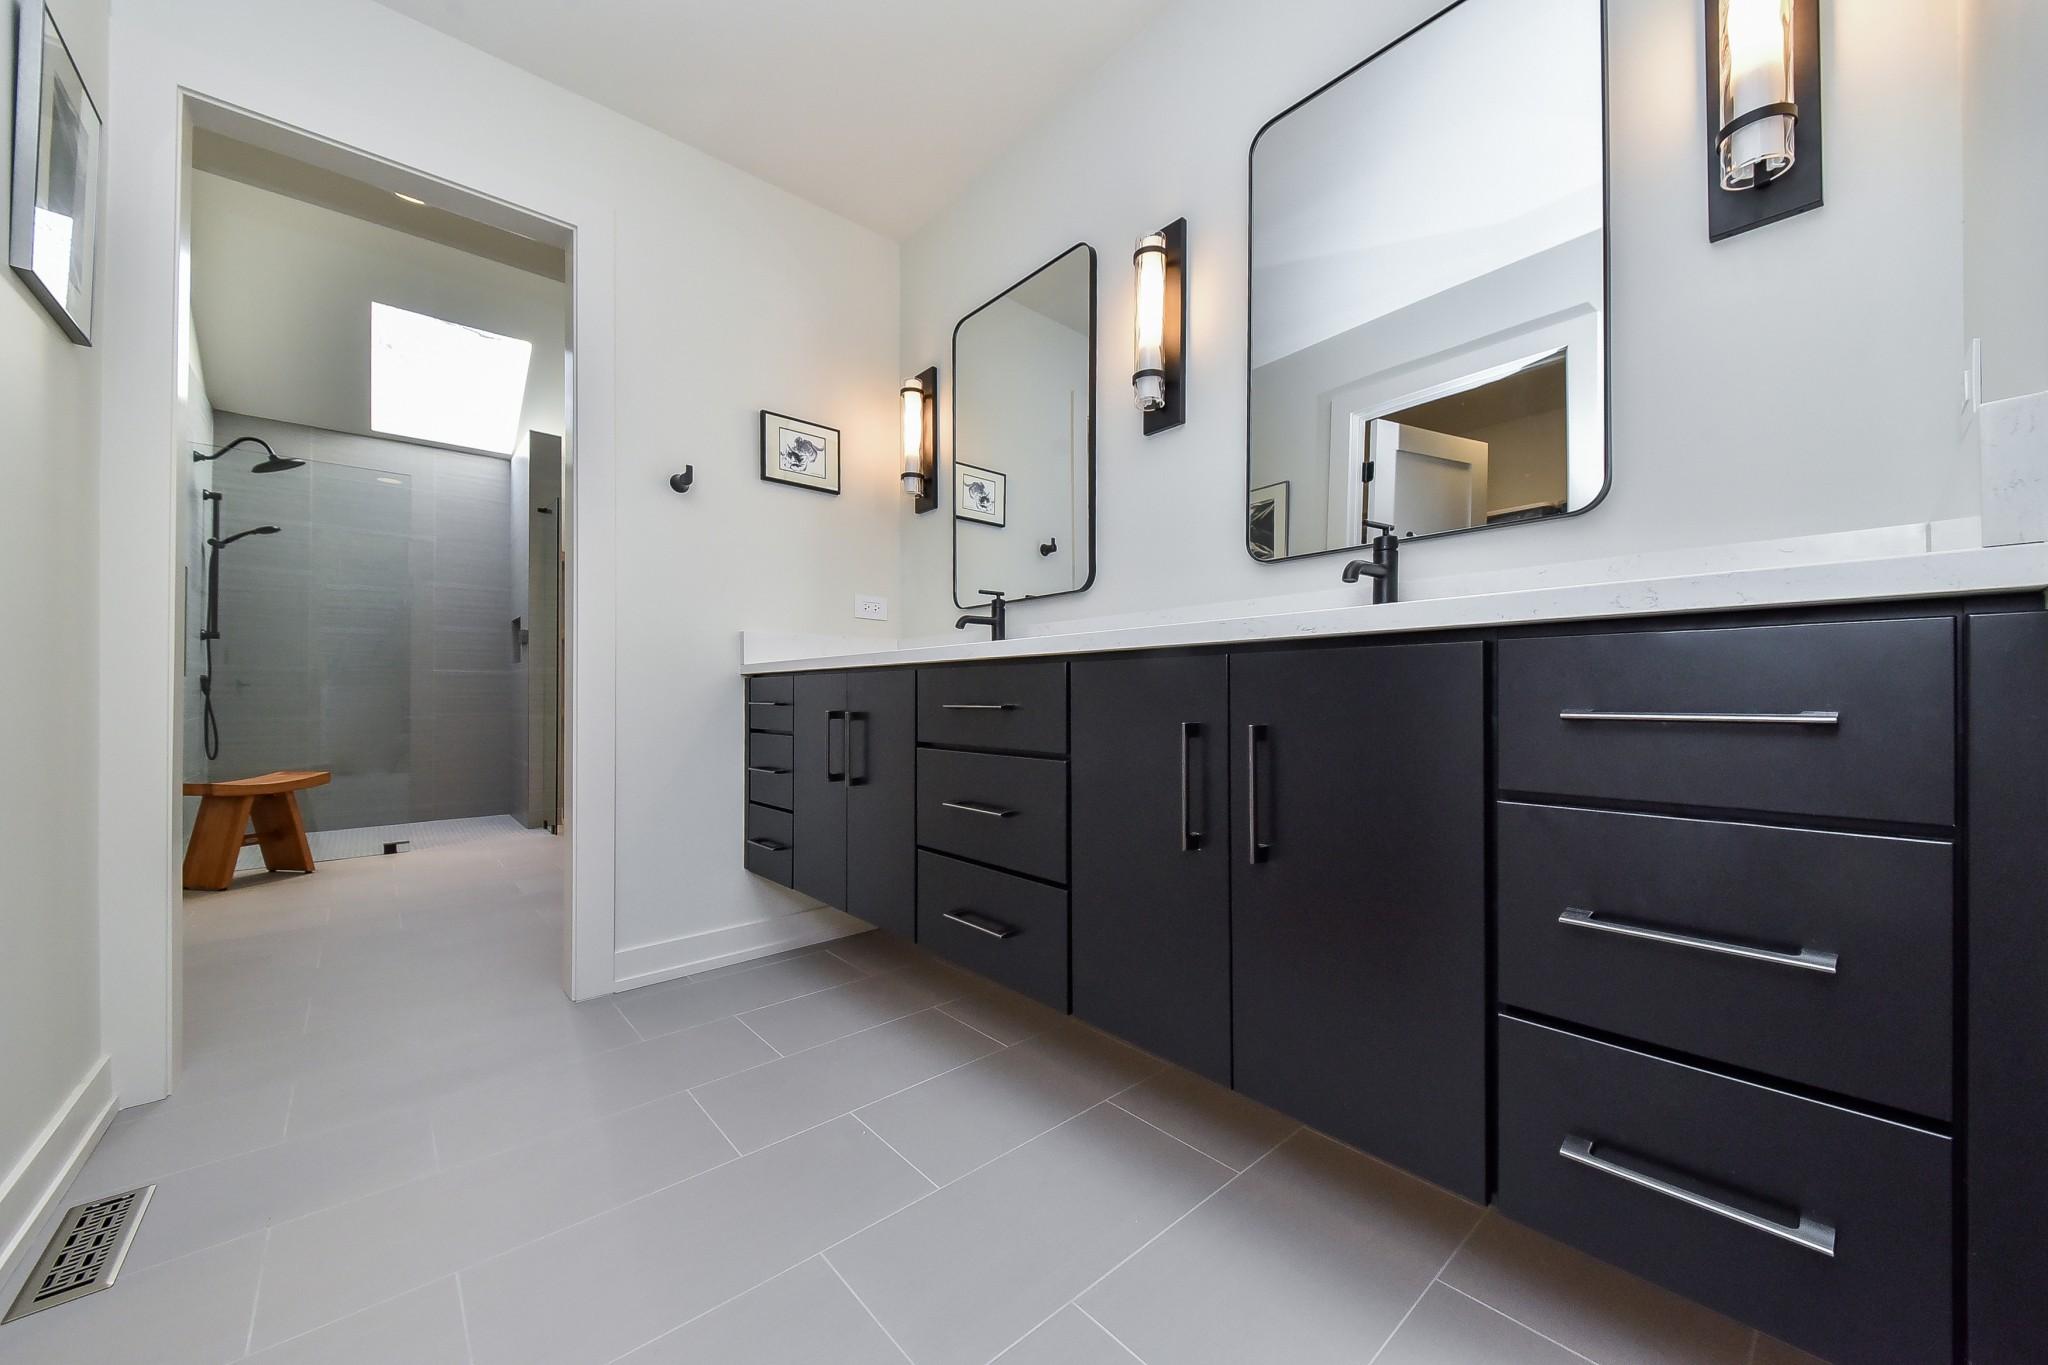 14 Bathroom Design Trends For 2020 | Home Remodeling Contractors | Sebring Design Build